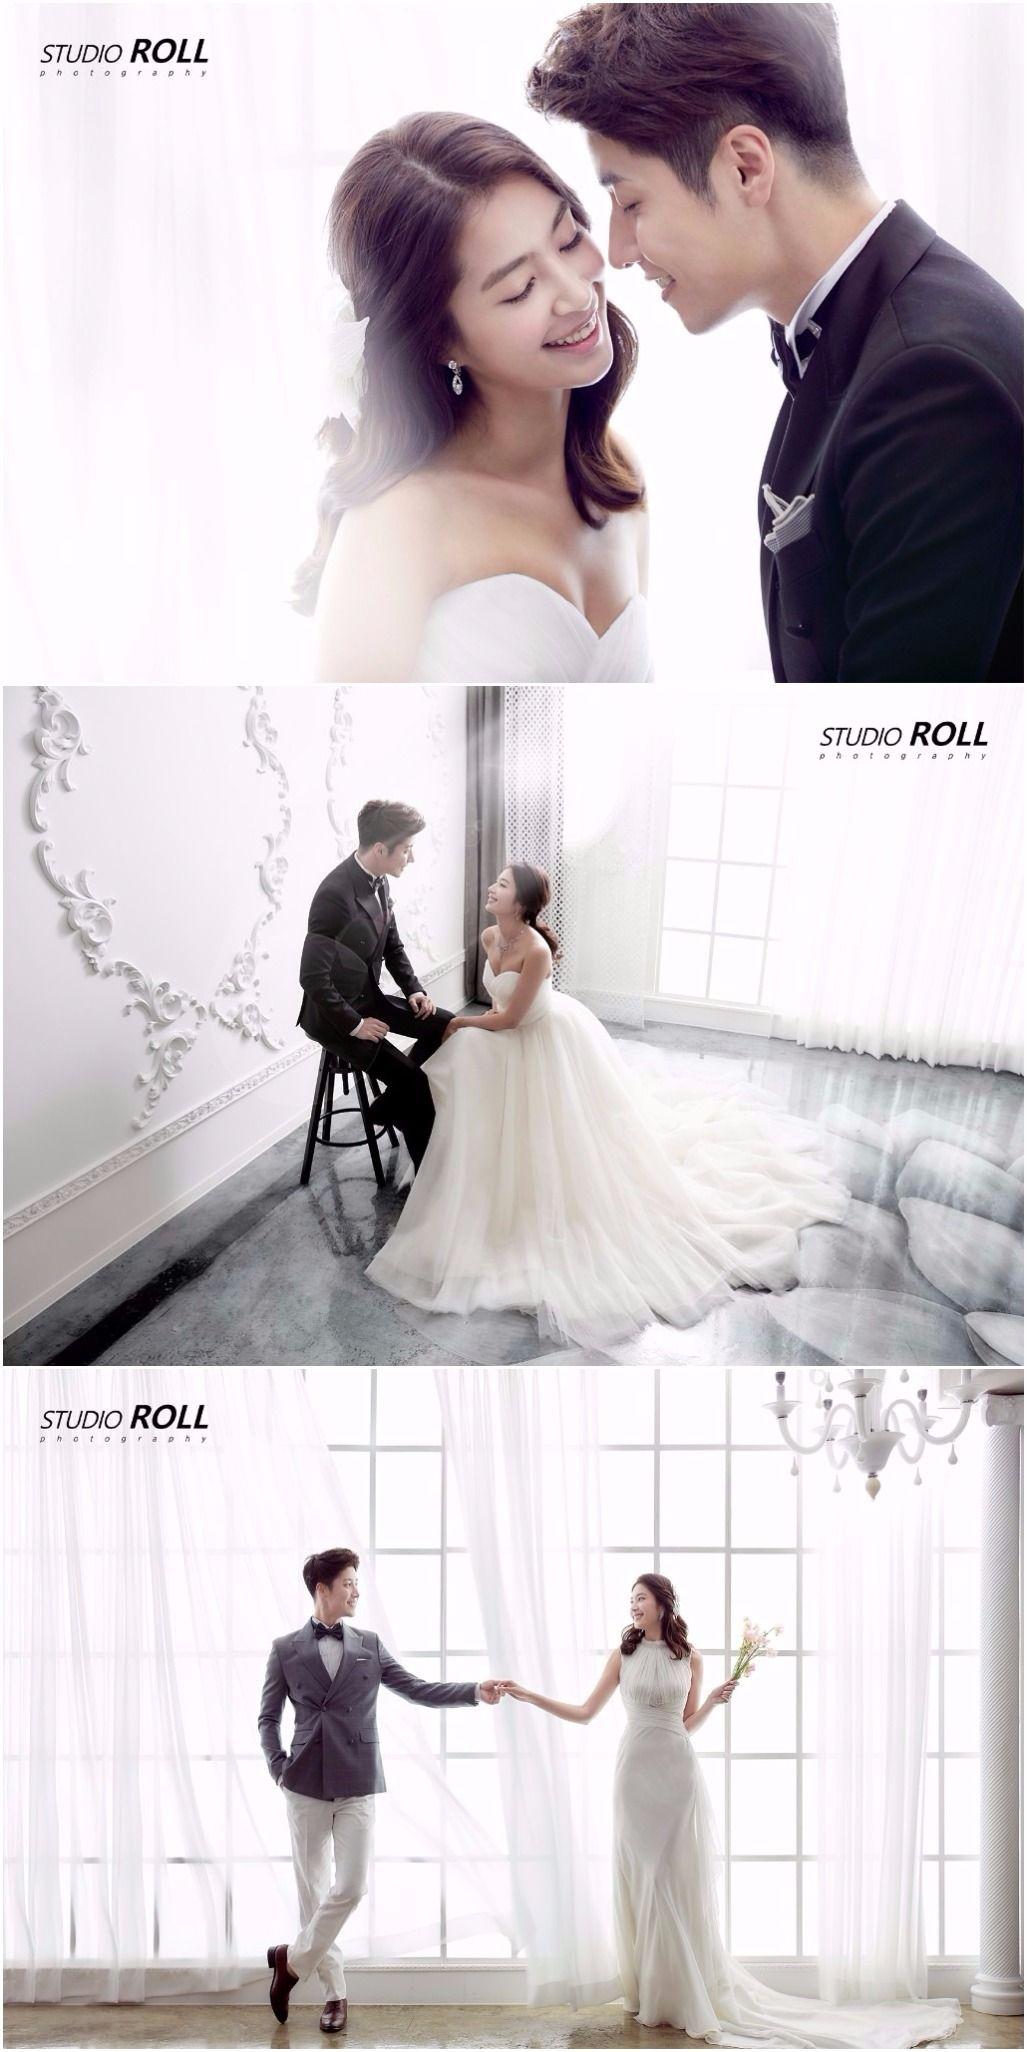 Studio Roll Seoul Wedding Photographer Onethreeonefour Wedding Photo Studio Korean Wedding Photography Wedding Photoshoot